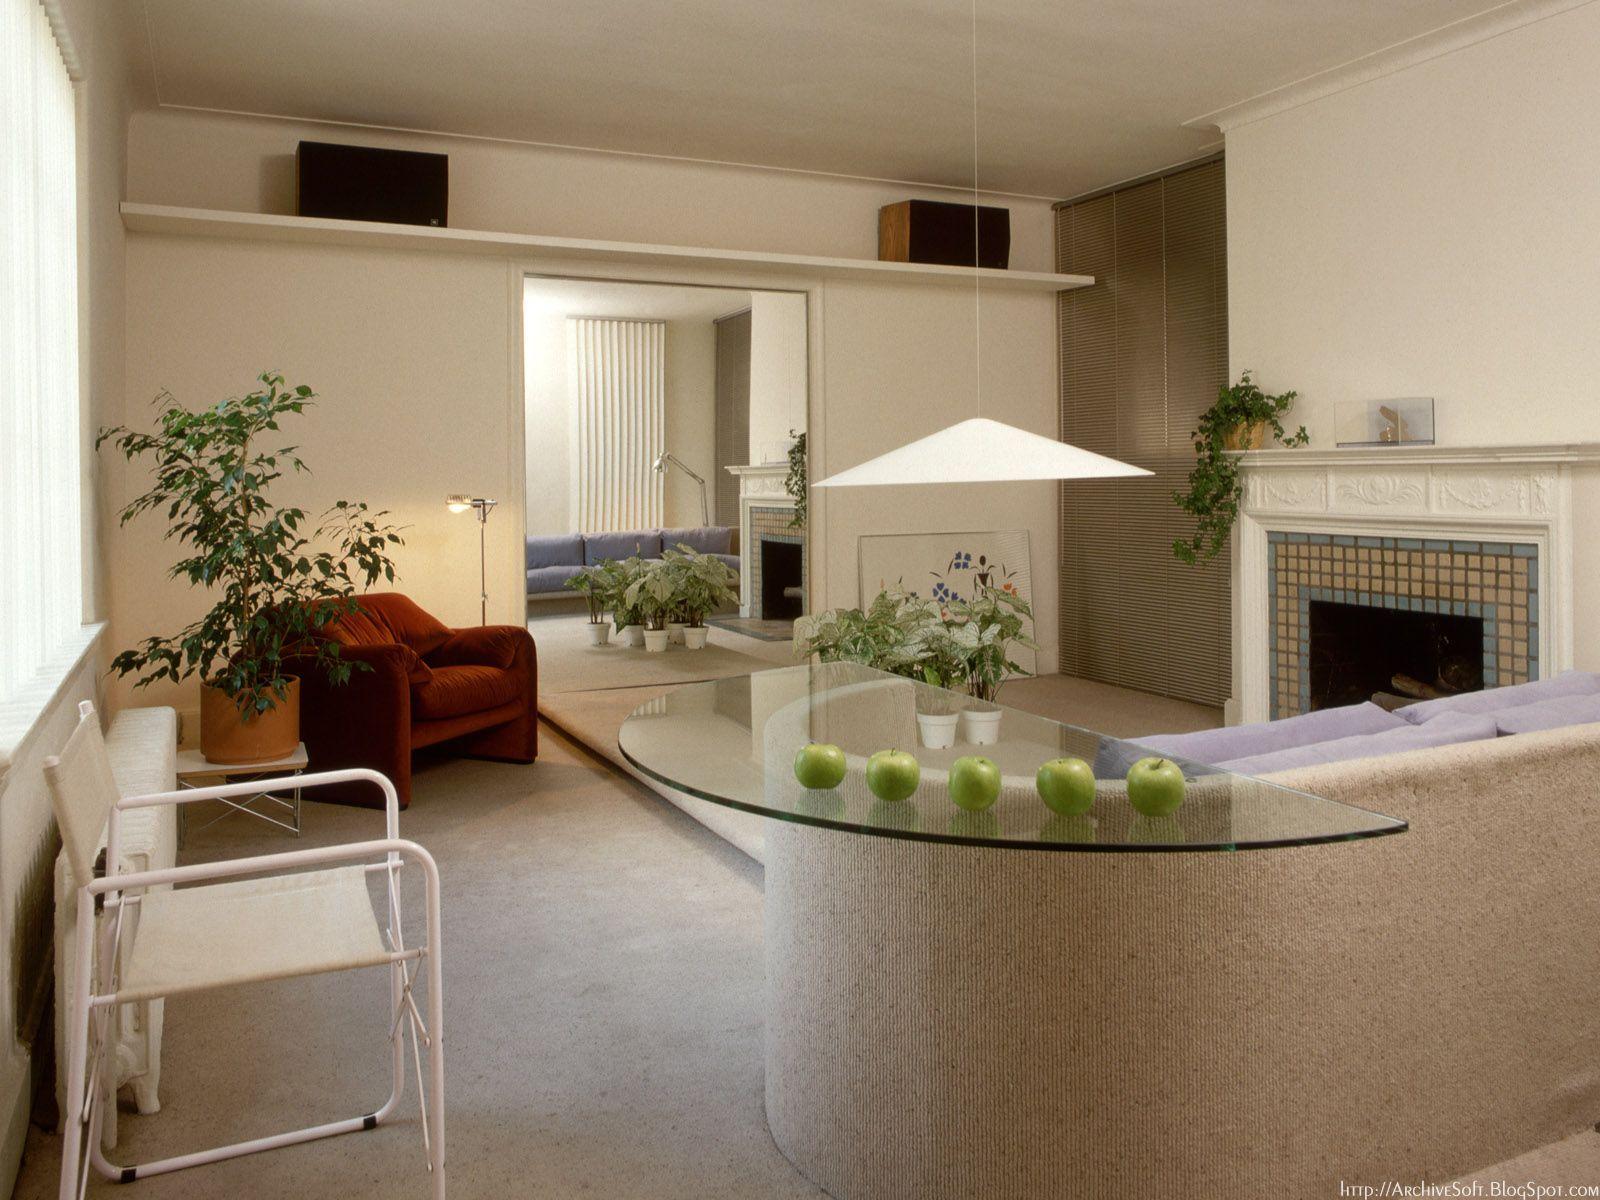 modern interior house designs photos home interior design 1000 - Interior House Design Ideas